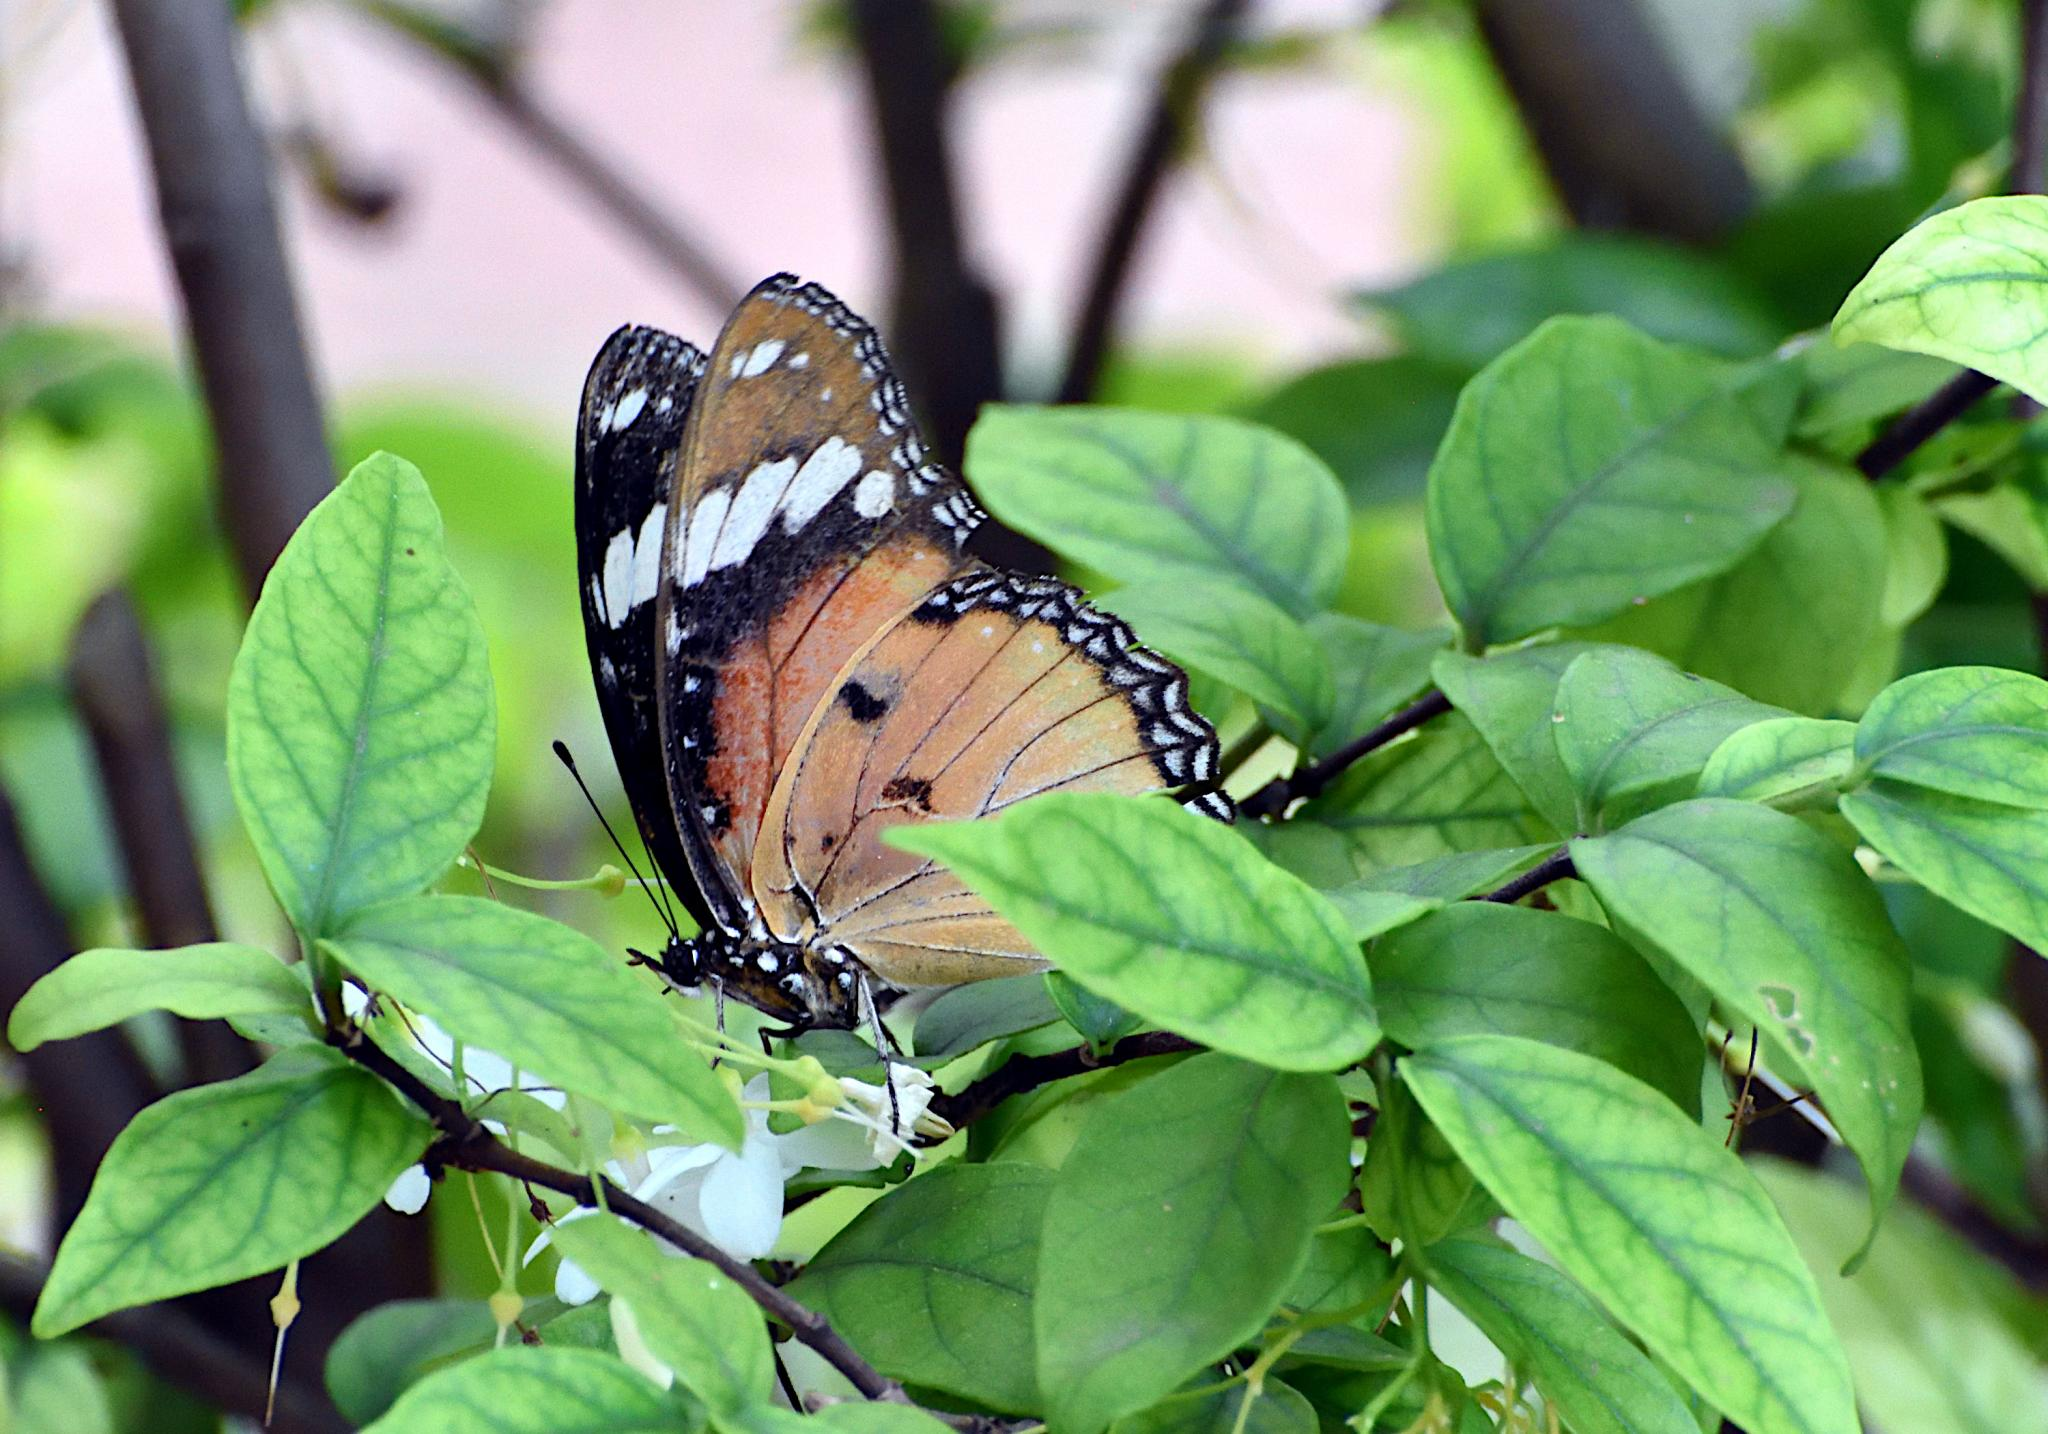 Thai Butterfly Photos-danaid_1524_1-jpg